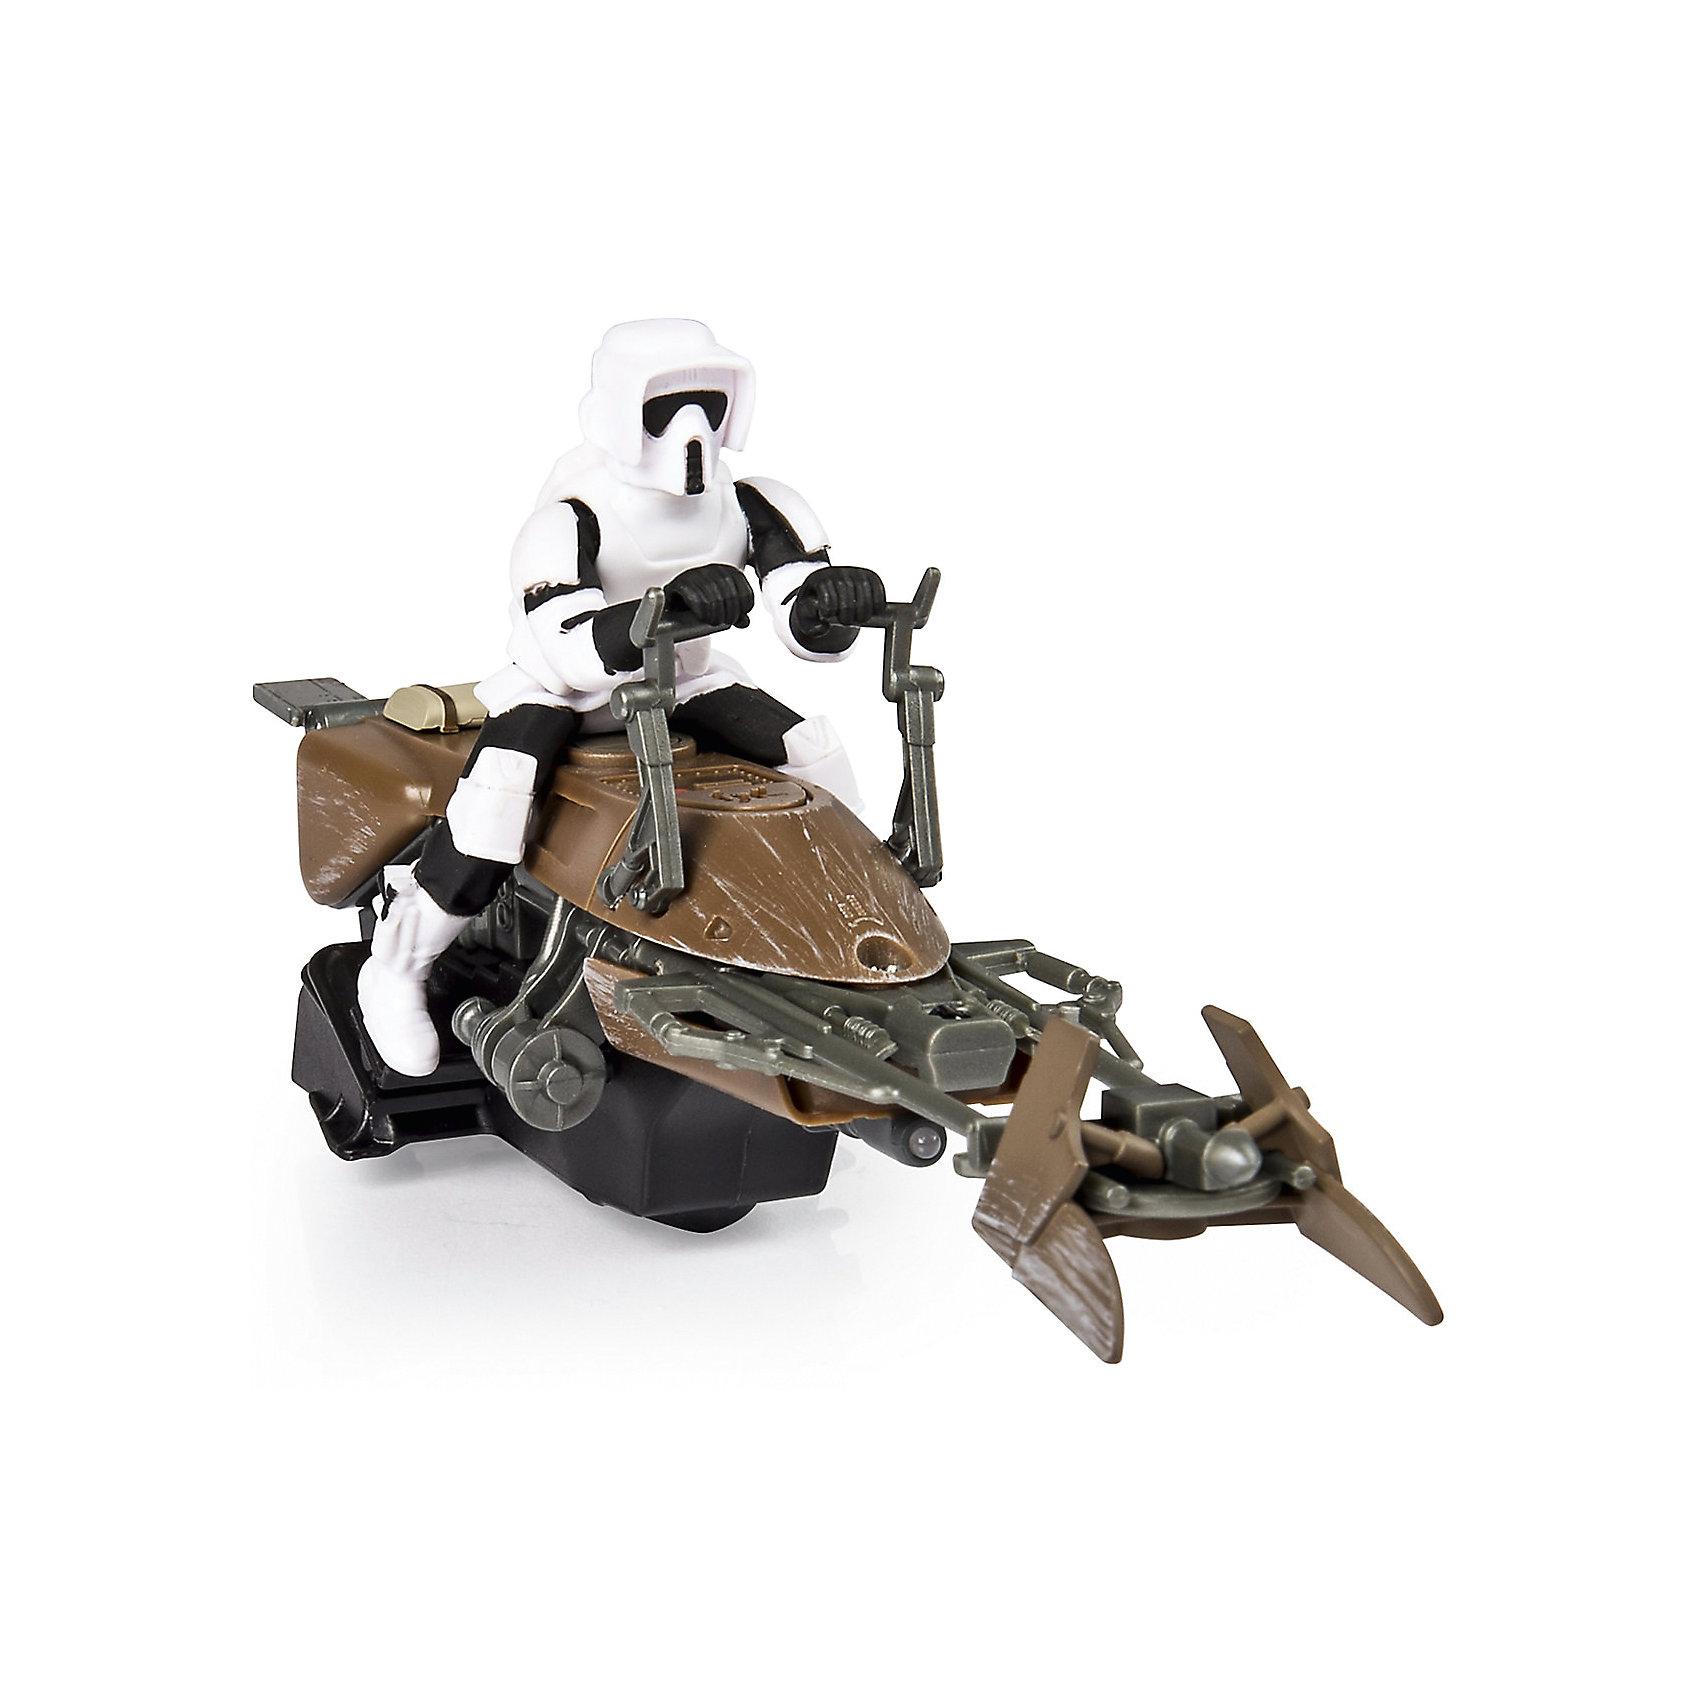 Скоростной байк на р/у, Air Hogs, Звёздные войныЗвездные войны<br>Скоростной байк, Air Hogs, Звёздные войны - это радиоуправляемая машинка с антуражным корпусом, световыми и звуковыми эффектами.<br>Модель спидербайка, оседланного имперским штурмовиком, какие вы могли видеть на Эндоре в шестом эпизоде, без сомнения понравится вашему ребенку. Теперь у него есть возможность воссоздать любимые сцены из фильма. Спидер - антигравитационный транспорт из вселенной Звездных войн. Антигравитационные технологии, увы, пока существуют только в кино, но плавный ход небольших колес радиоуправляемой игрушки создает правдивую иллюзию полета. Модель может похвастаться высококачественным детализированным корпусом, прекрасной маневренностью и чувствительным управлением, а также световыми и звуковыми эффектами.<br><br>Дополнительная информация:<br><br>- В наборе: спидер, пульт<br>- Размер: 20-22 см.<br>- Батарейки: 6 х AA/LR6 1.5V (в комплект не входят)<br>- Материал: пластик<br>- Размер упаковки: 14 х 15 х 3,5 см.<br>- Вес: 563 гр.<br><br>Скоростной байк, Air Hogs, Звёздные войны можно купить в нашем интернет-магазине.<br><br>Ширина мм: 140<br>Глубина мм: 150<br>Высота мм: 350<br>Вес г: 563<br>Возраст от месяцев: 72<br>Возраст до месяцев: 144<br>Пол: Мужской<br>Возраст: Детский<br>SKU: 6899737